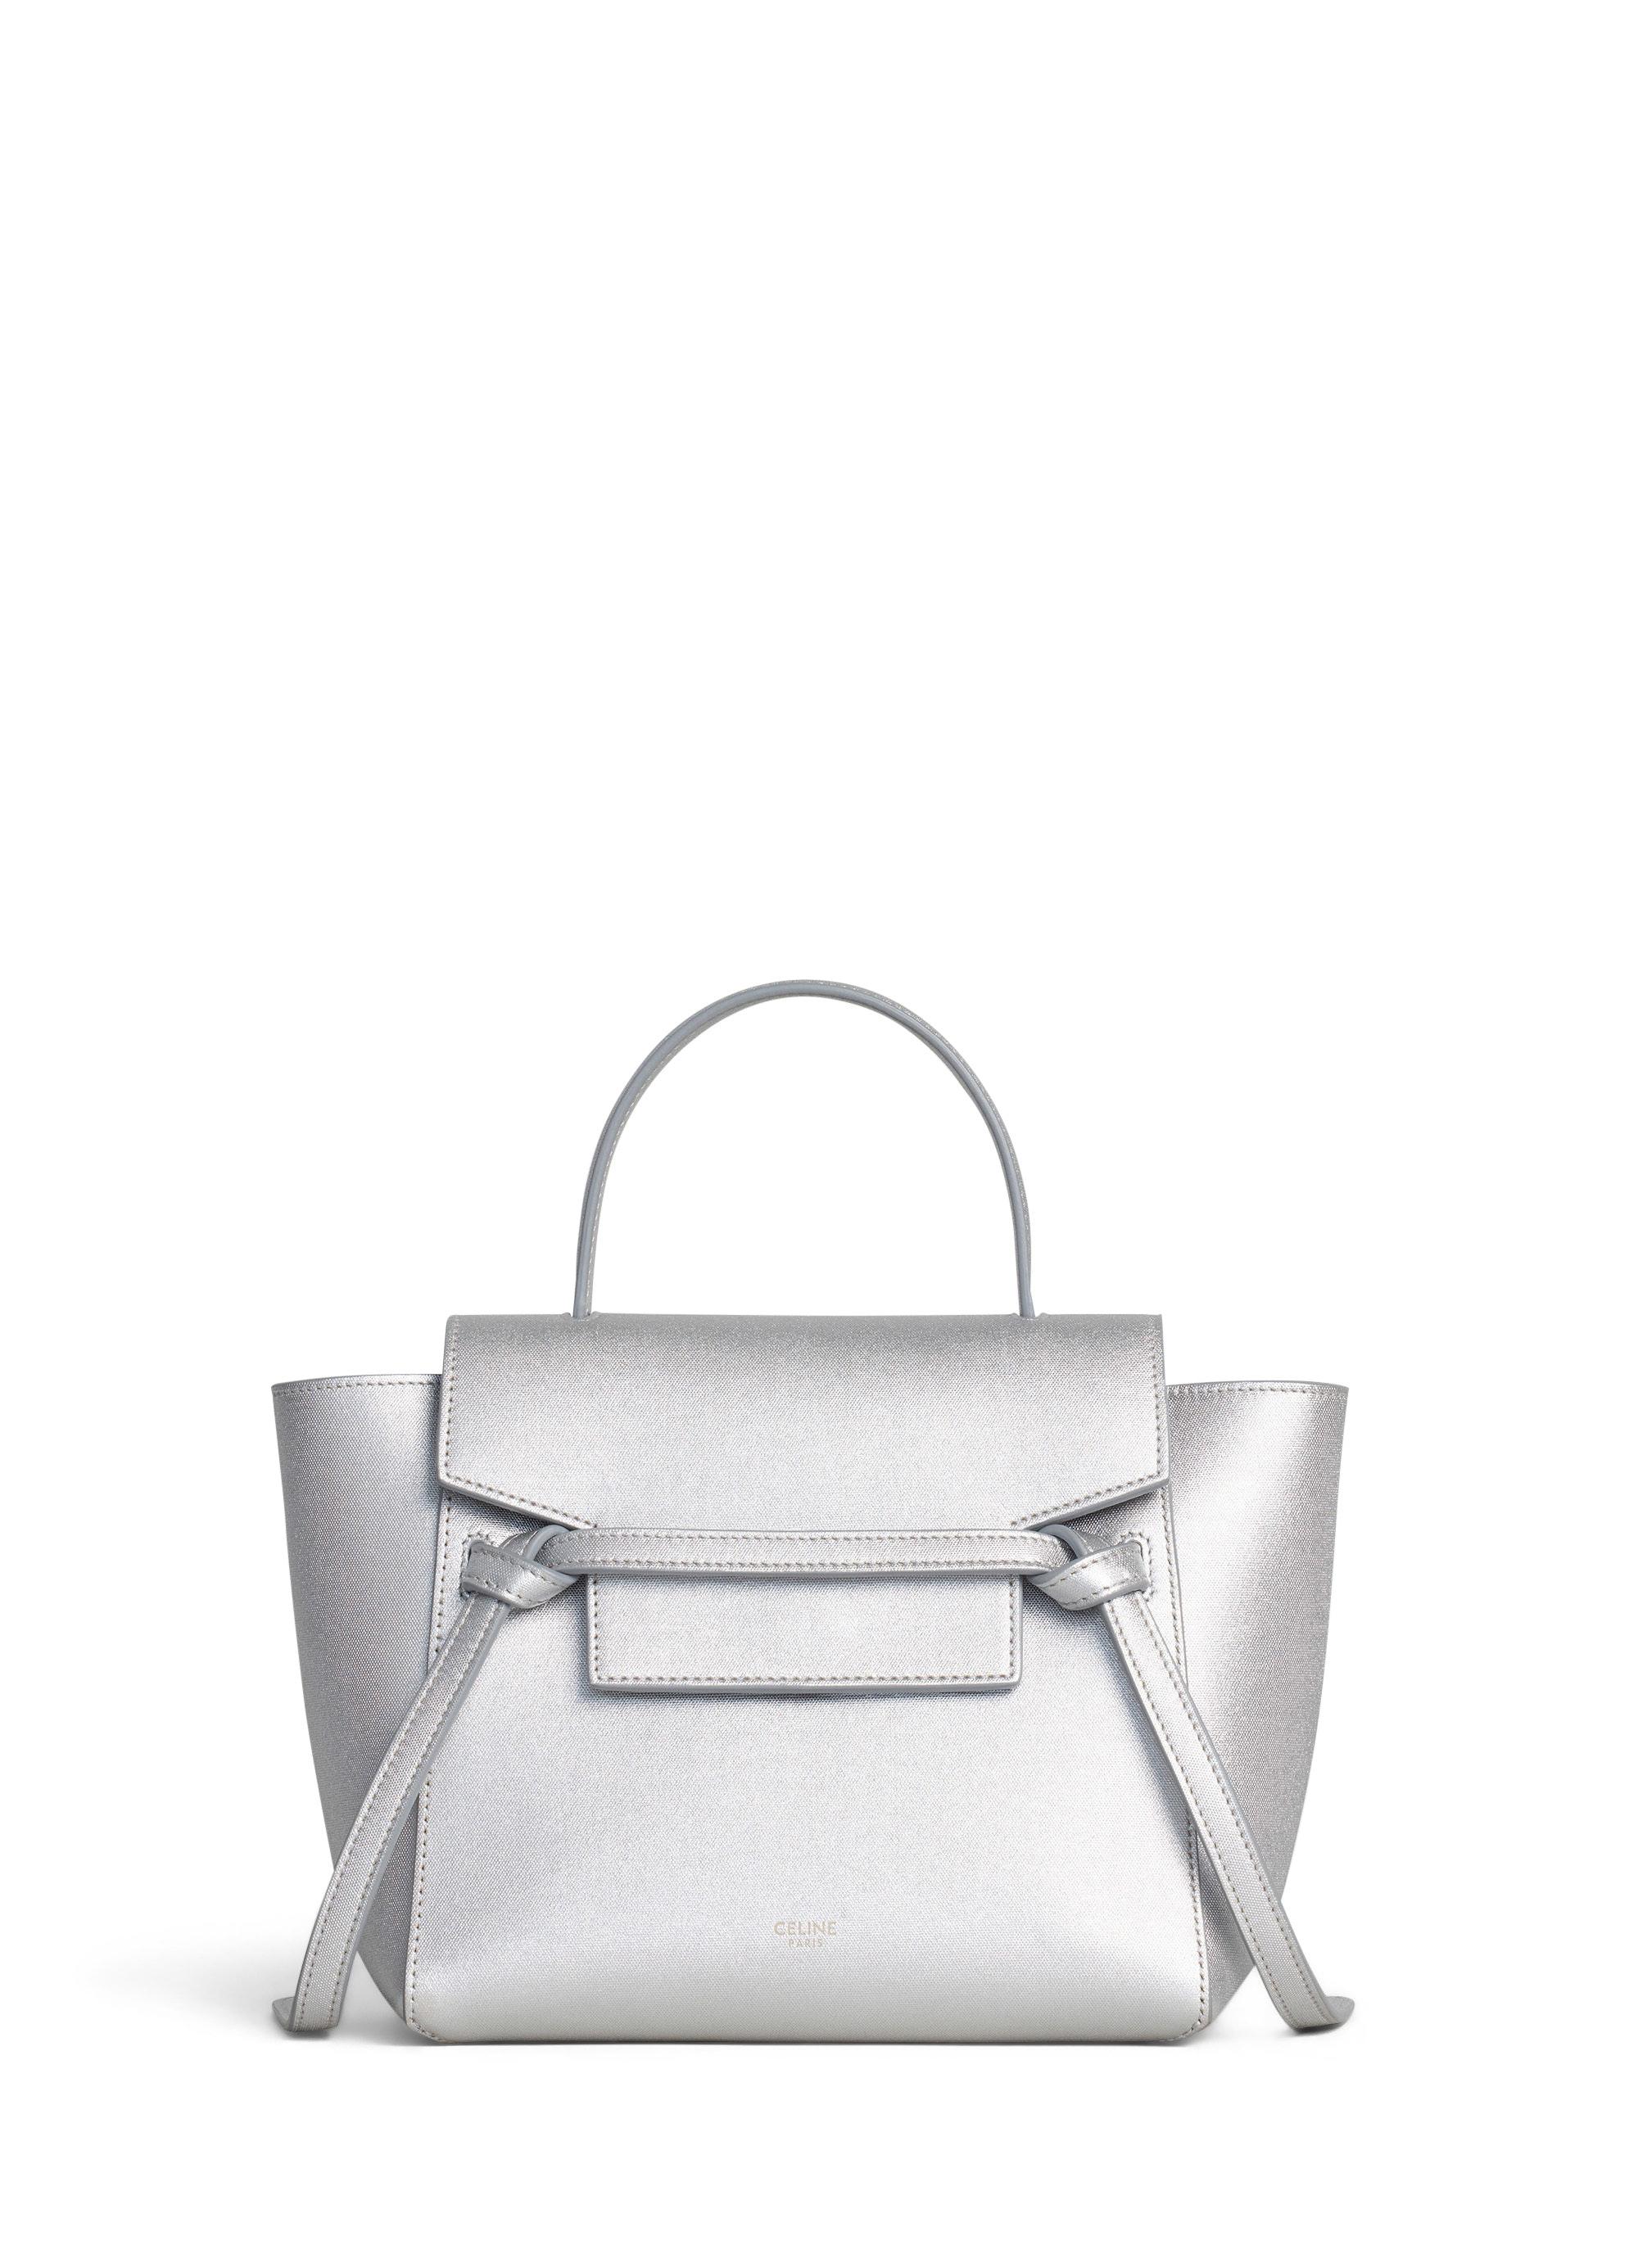 Celine Belt Bag Laminated Nano Silver